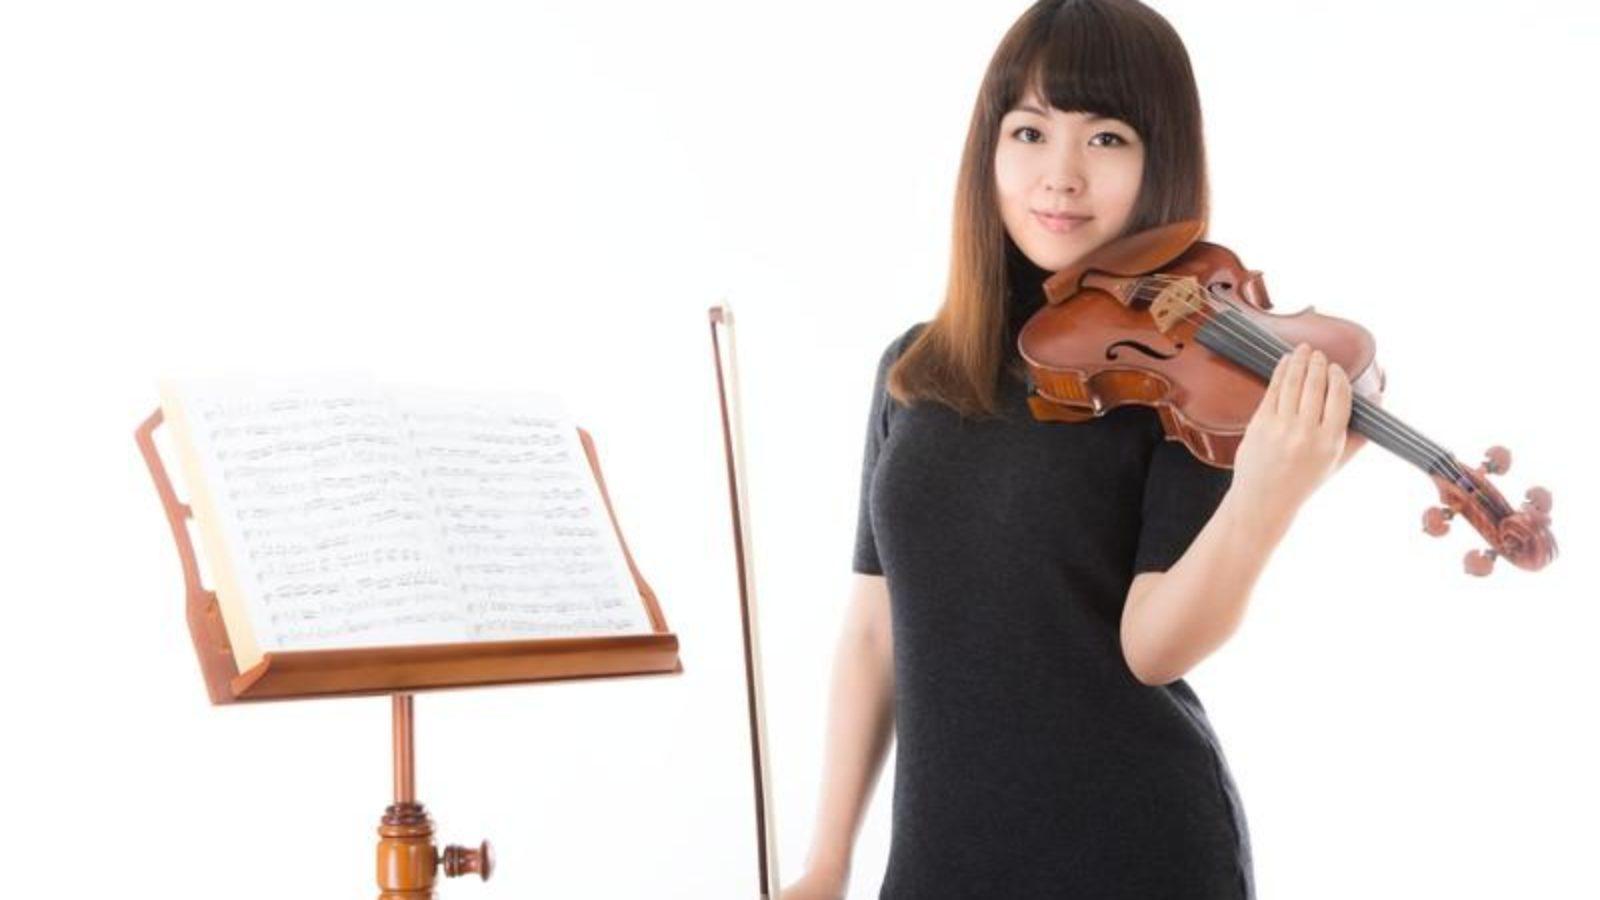 ヴァイオリン教室の選び方を解説するよ!失敗しないための先生探しとは?